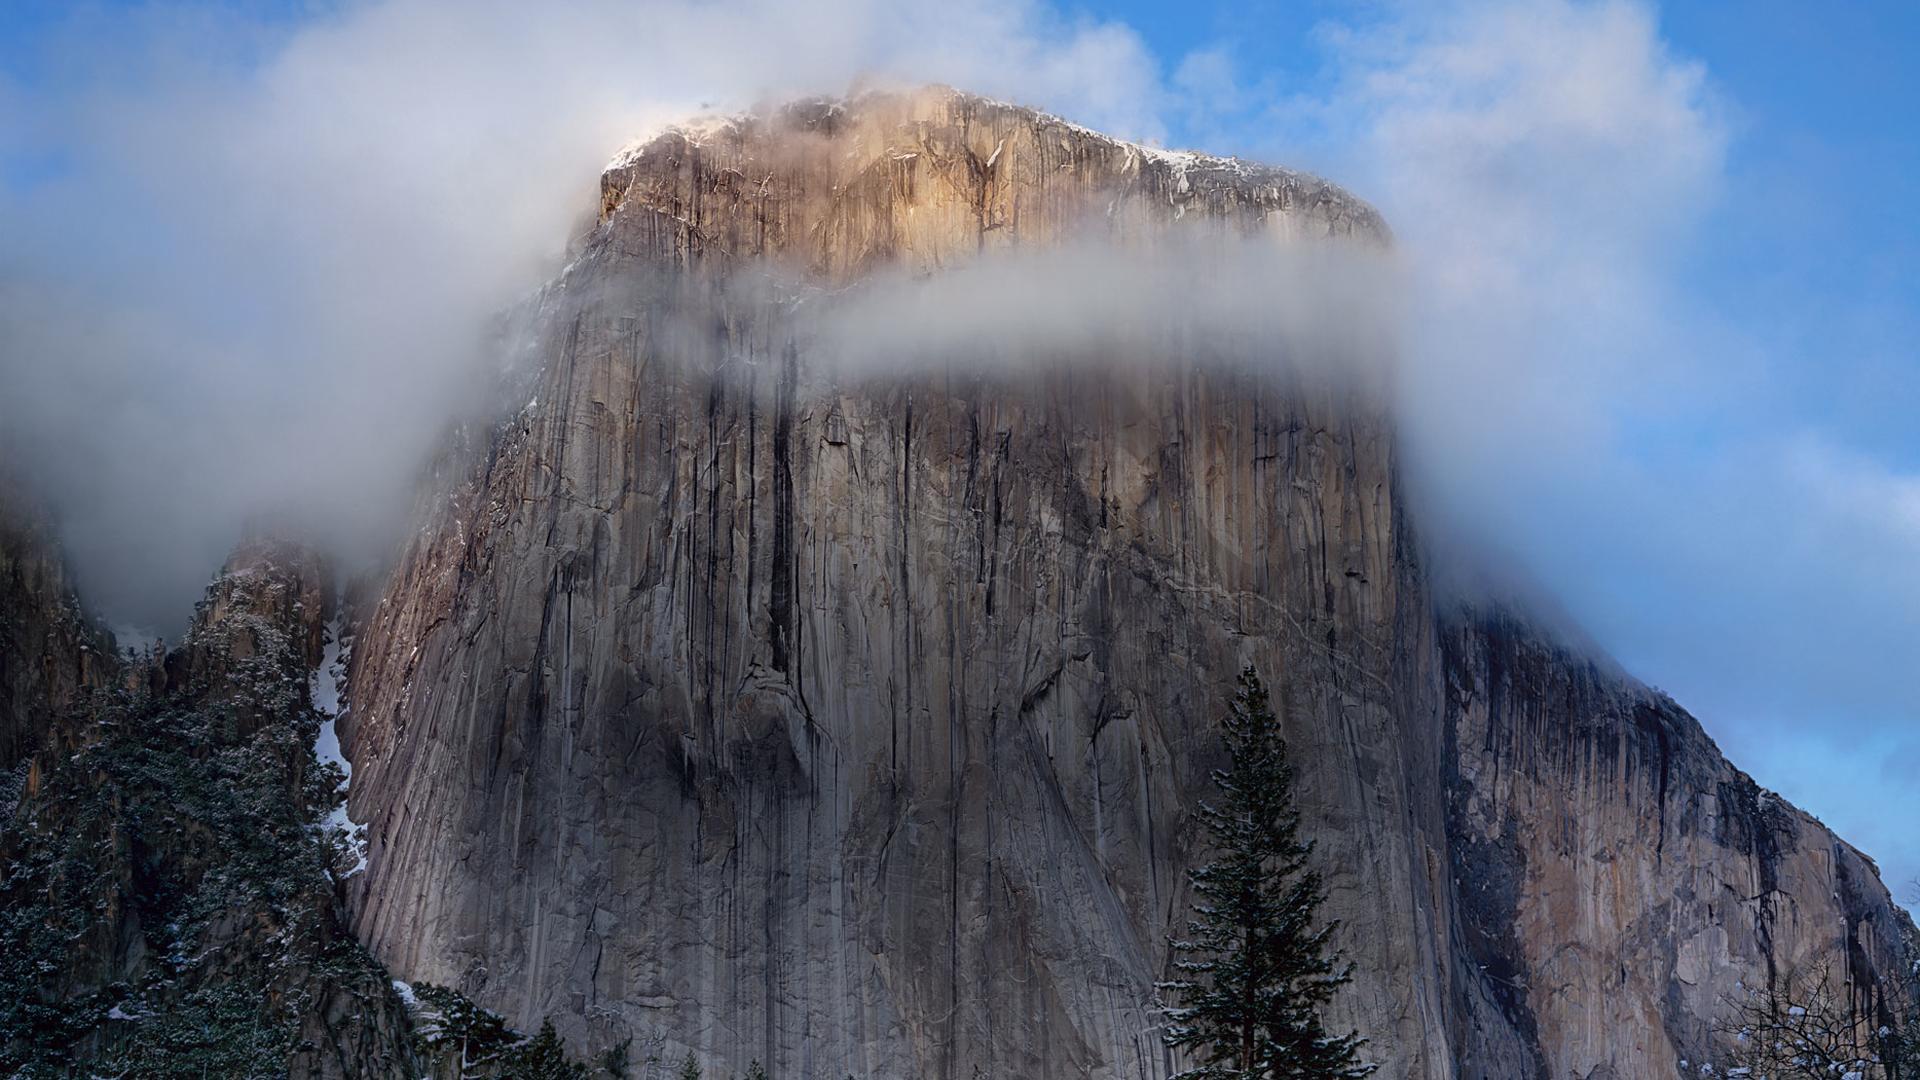 Wallpaper als Schreibtischhintergrund festlegen OS X 1010 Yosemite 1920x1080